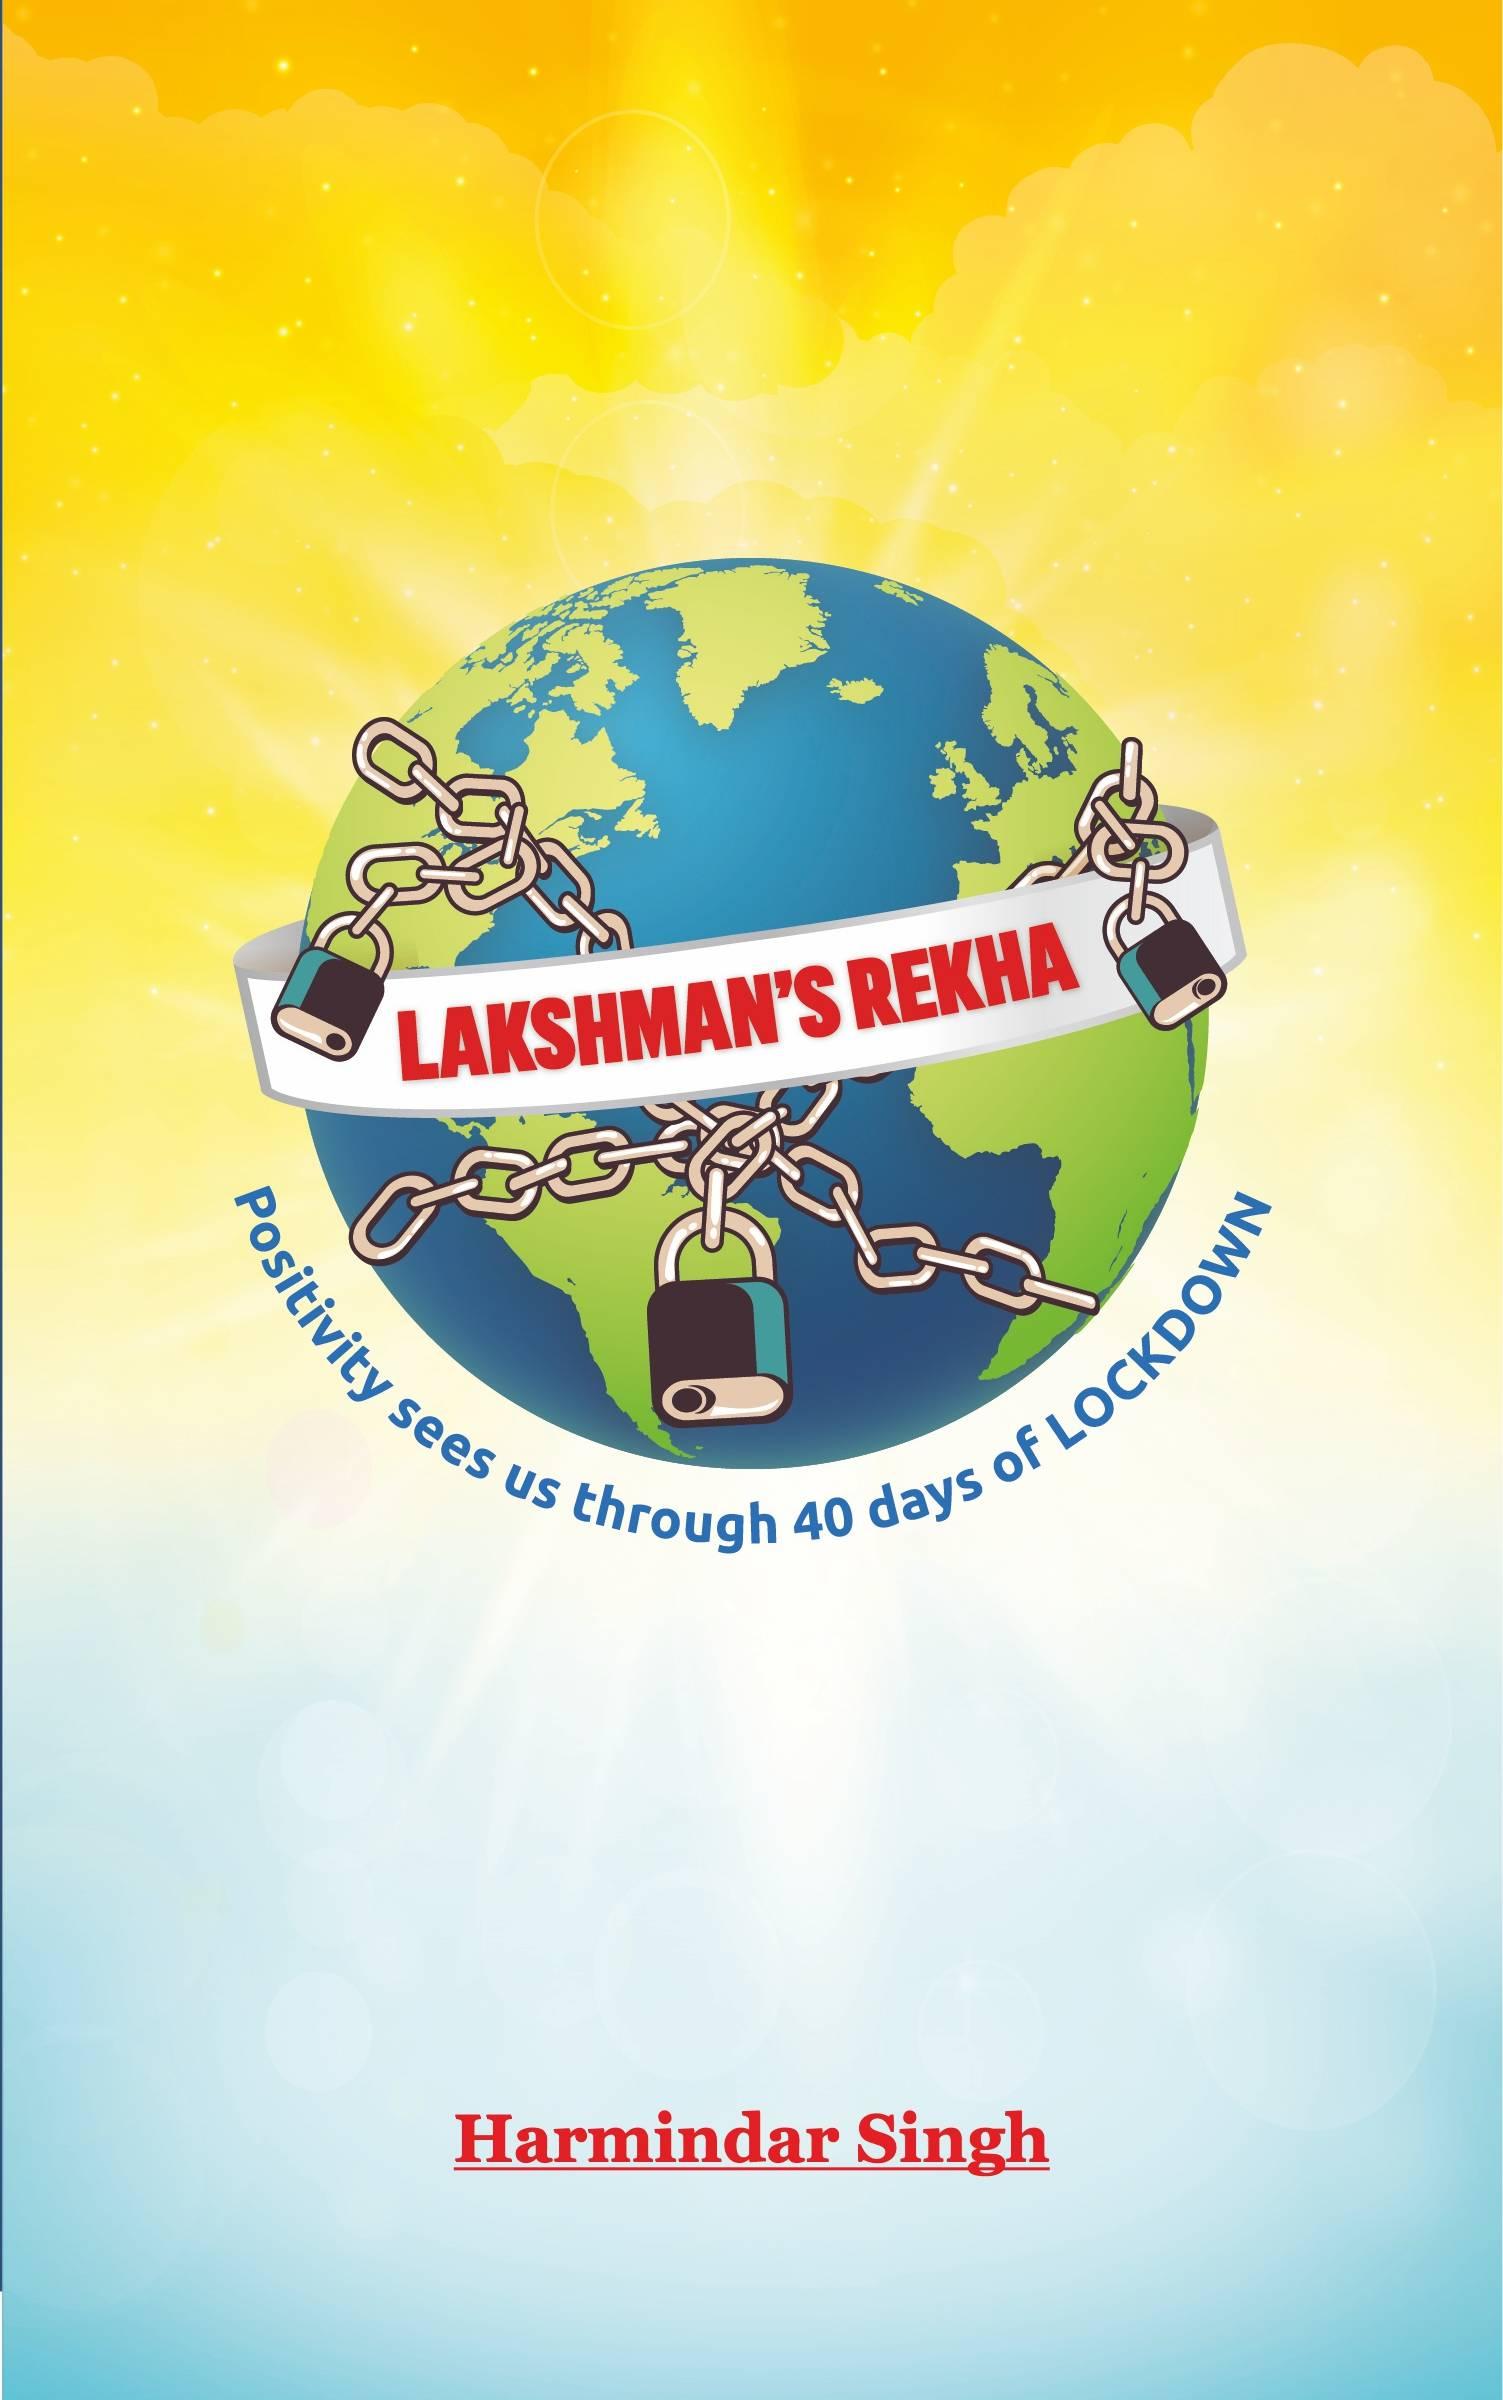 Lakshman's Rekha